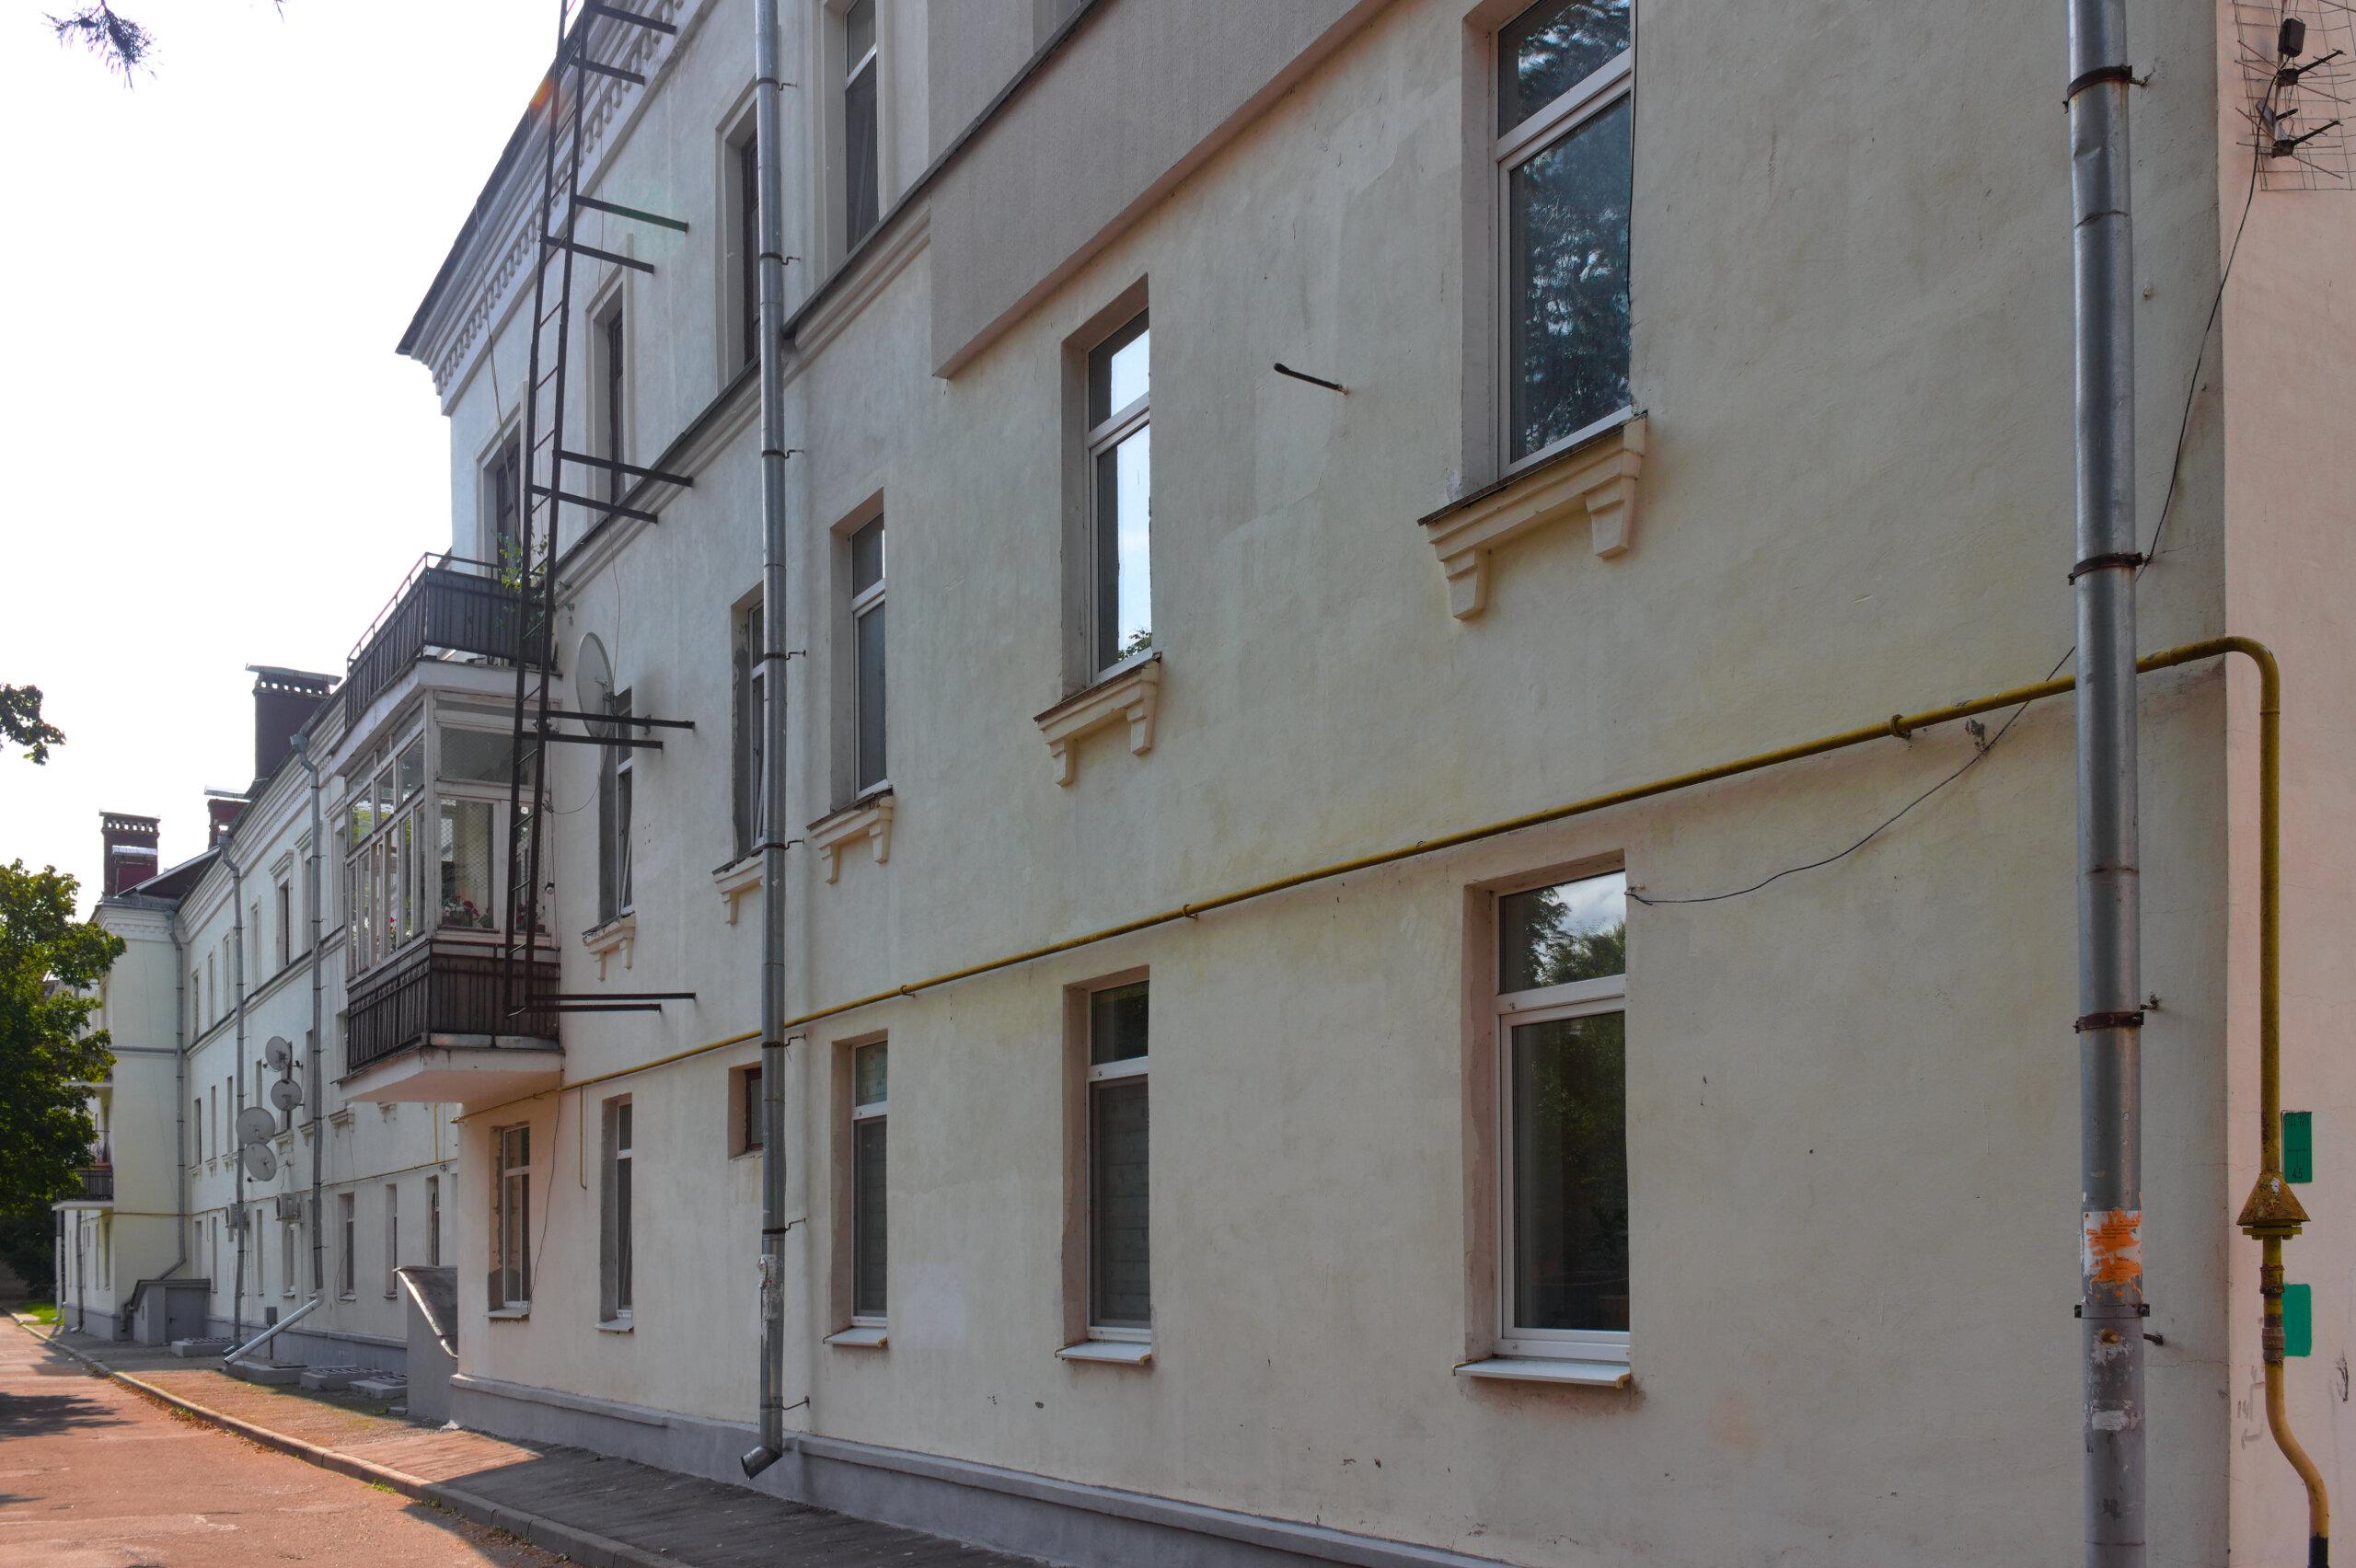 Дом офицерского состава концлагеря Stalag 352, который использовался как лазарет